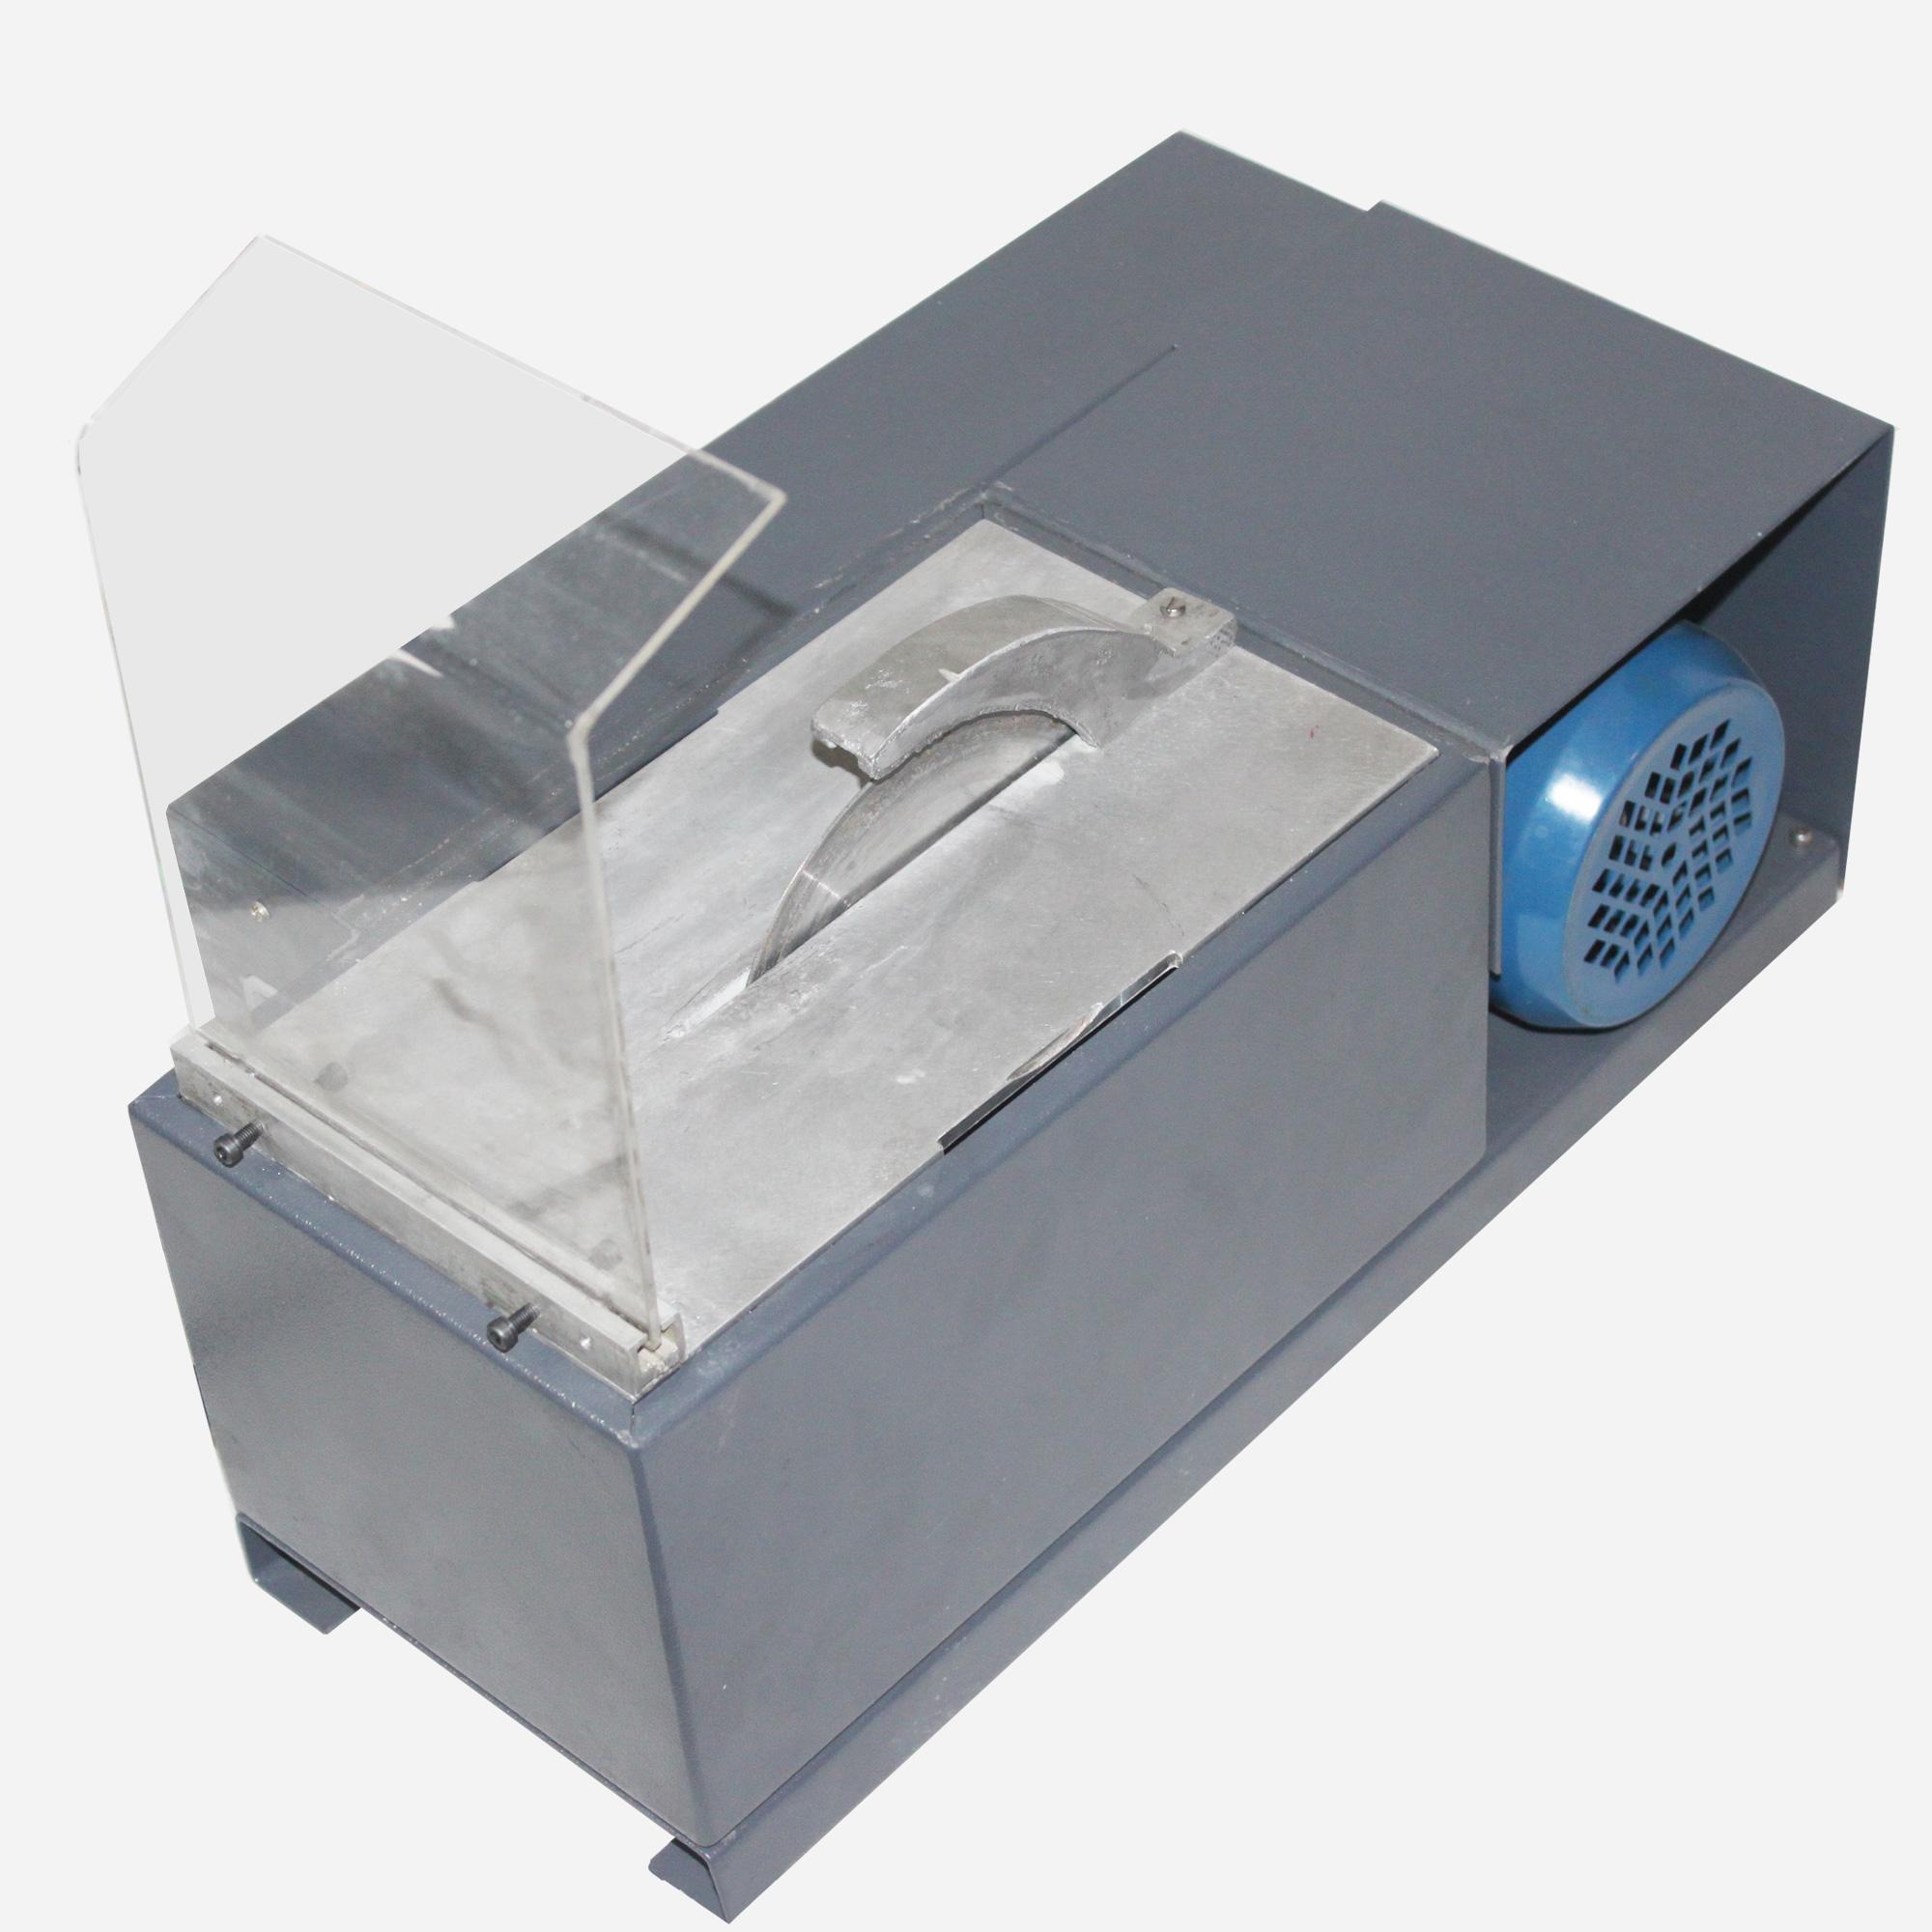 دستگاه اره سنگ قیمتی Gem Cutting machine